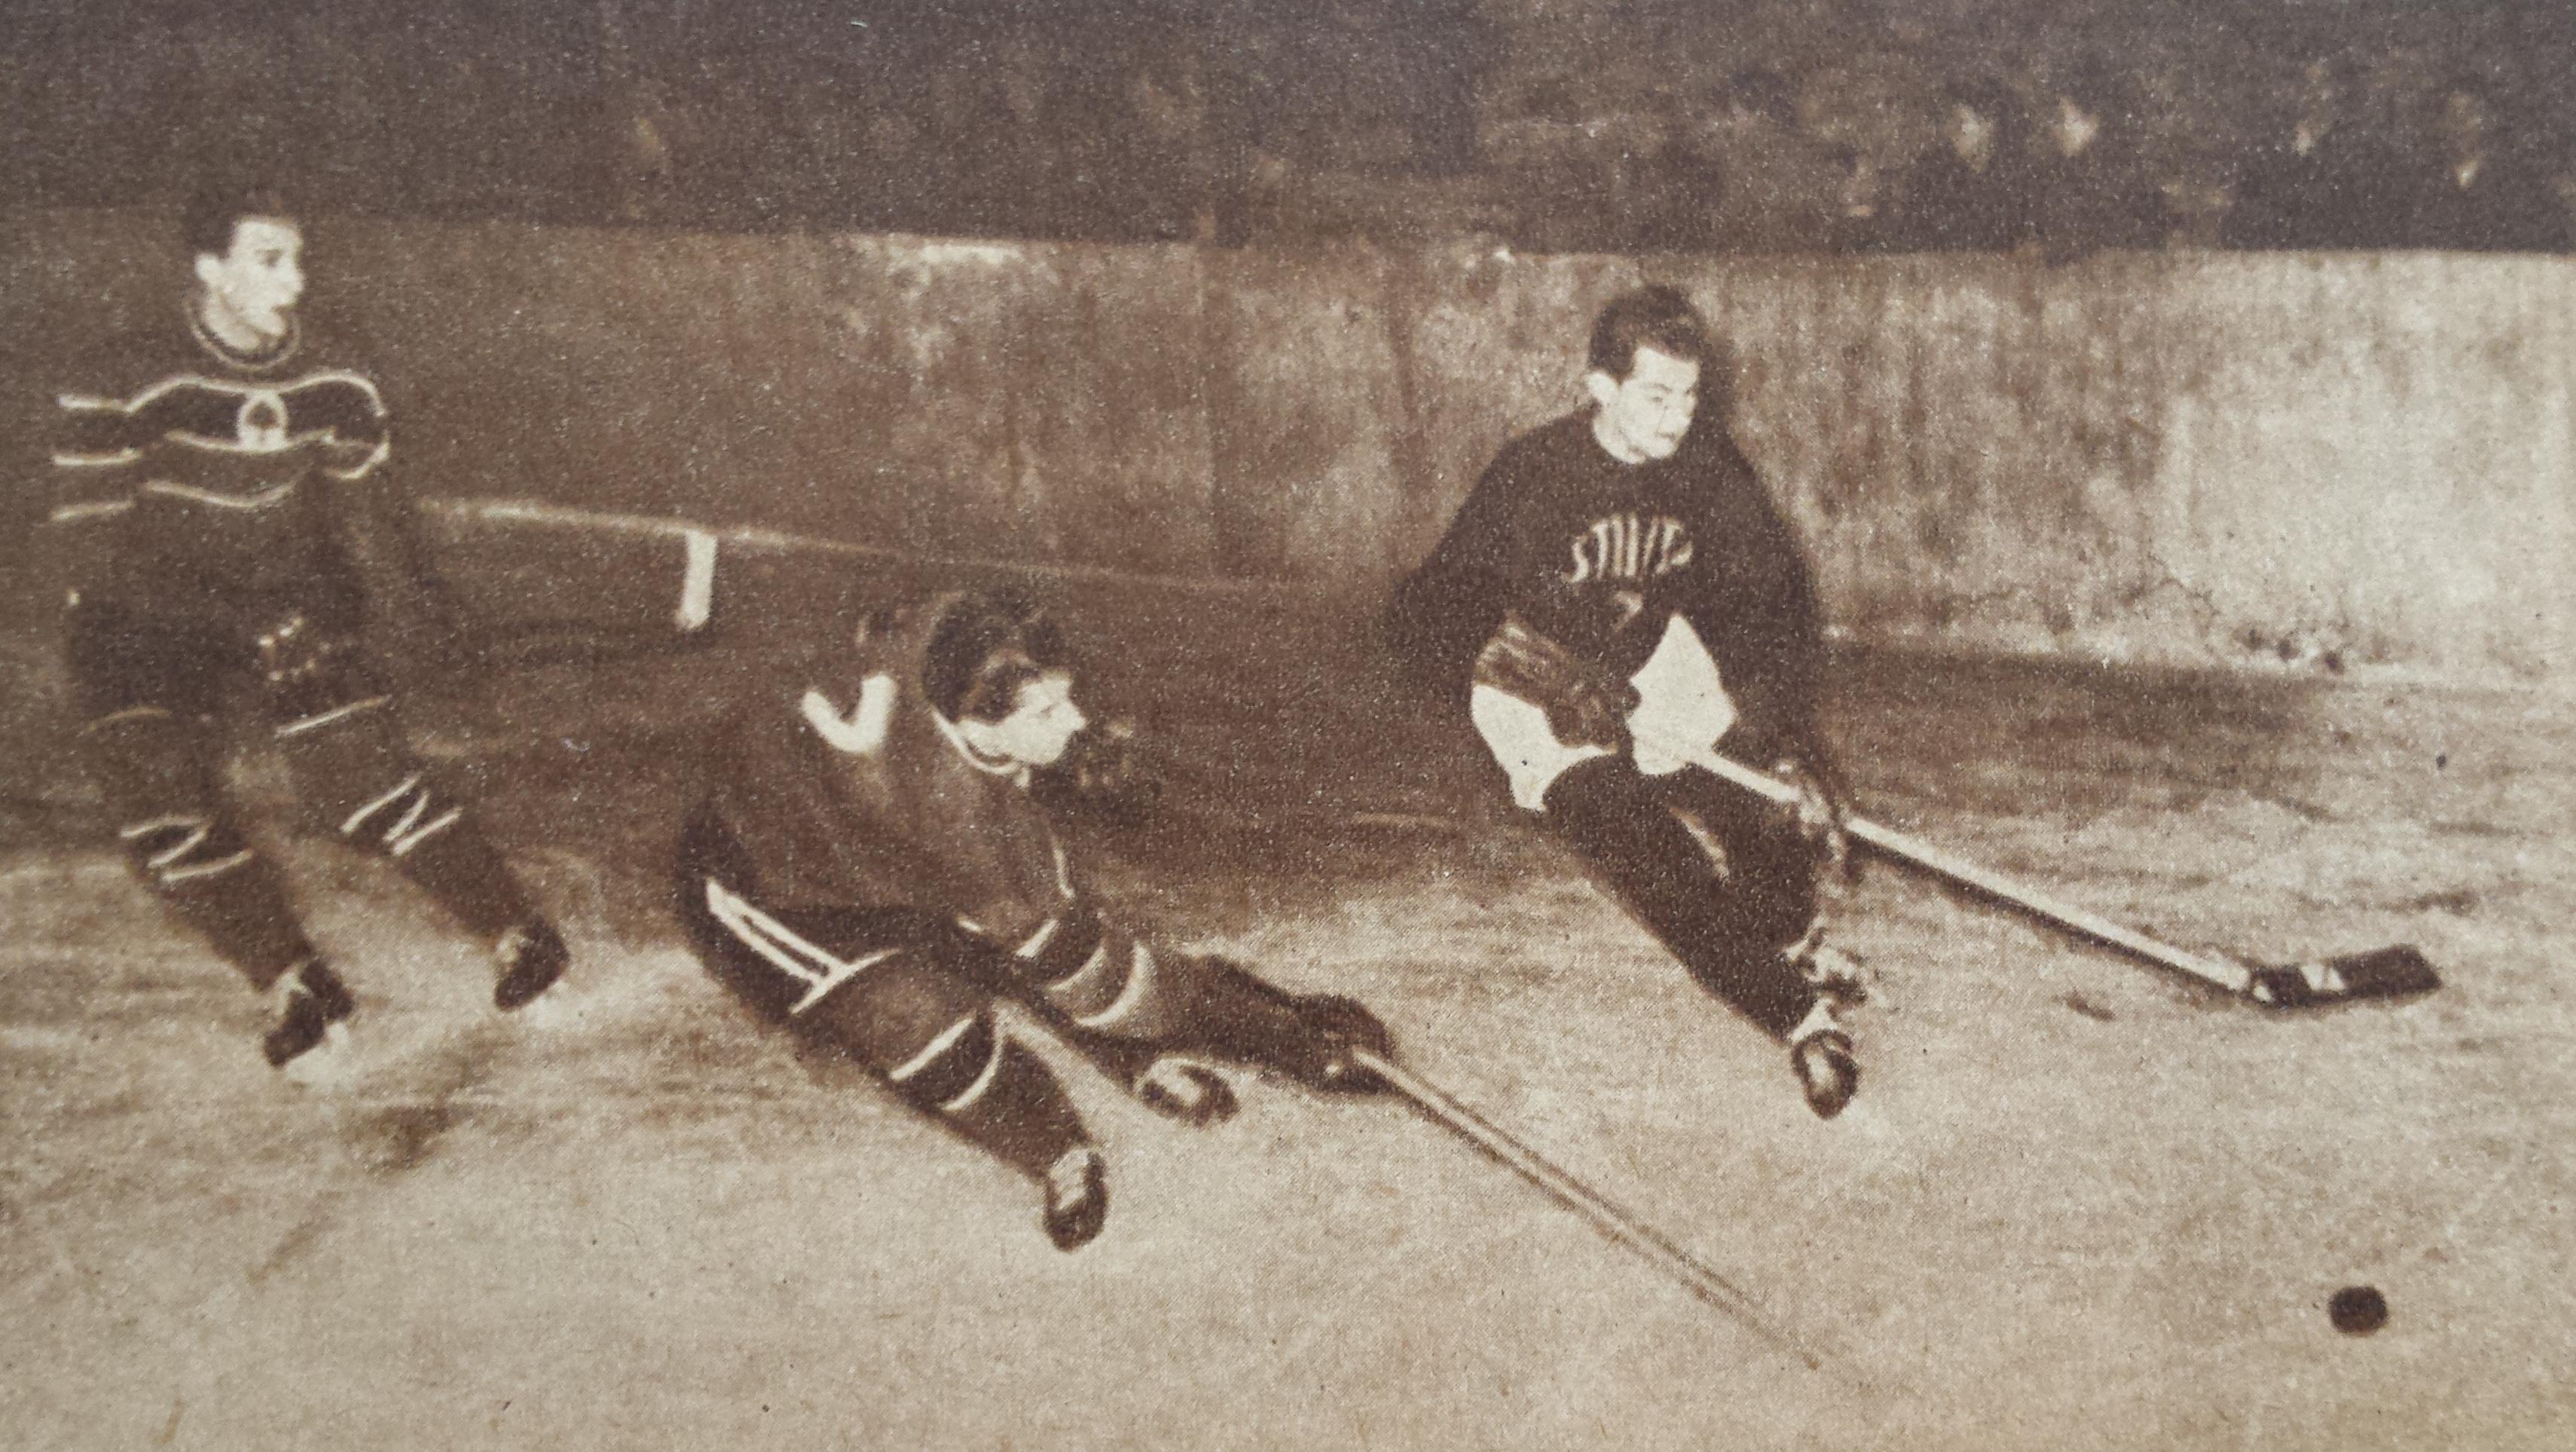 foto-3-faza-de-joc-hochei-stiinta-cluj-avantul-miercurea-ciucscor-0-3-anul-1956